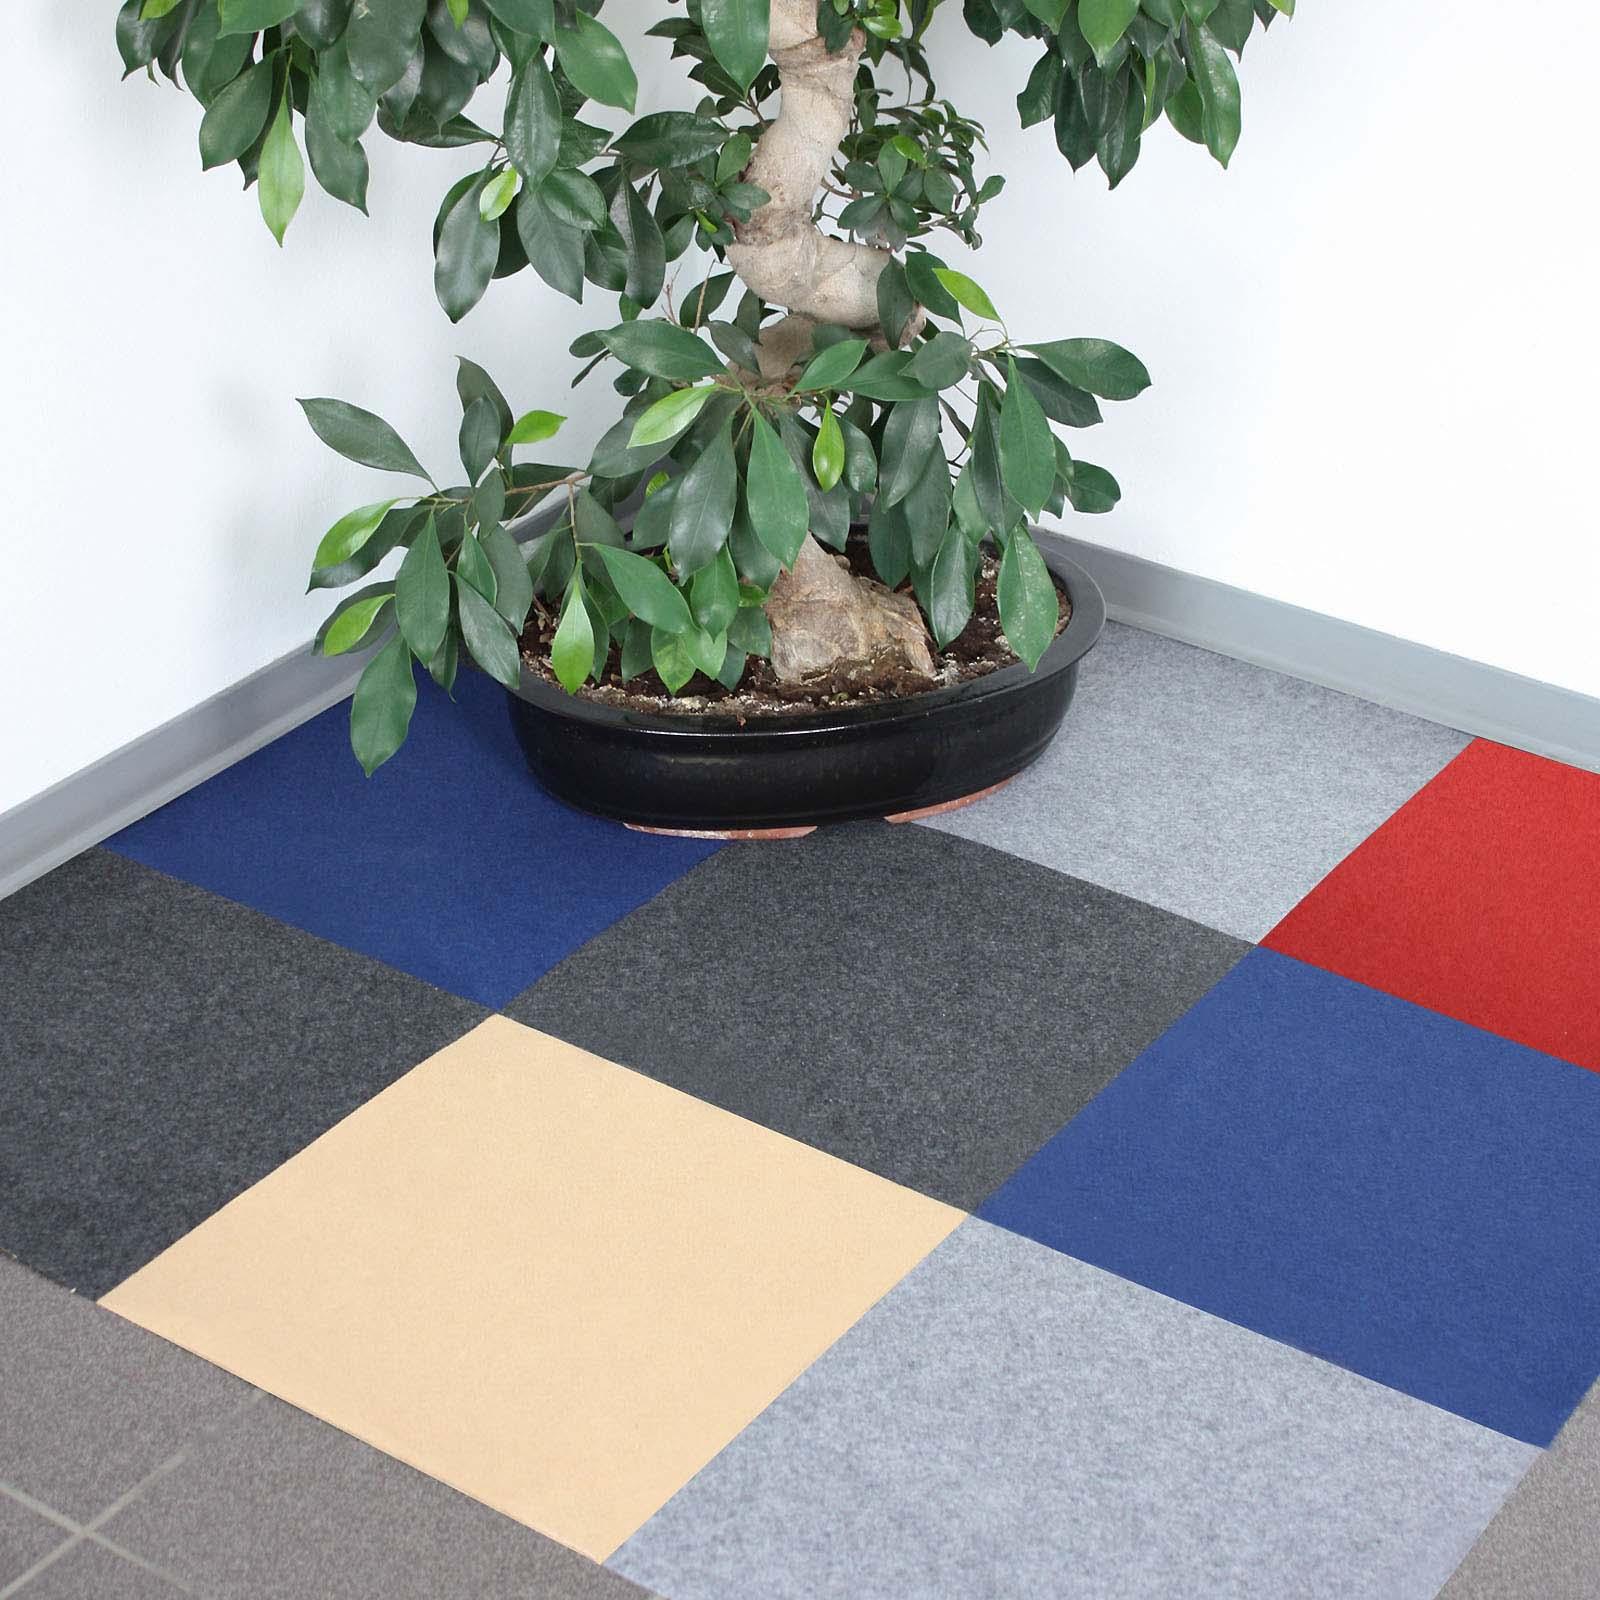 teppichfliese nadelfilz 40x40cm selbstklebend teppichfliesen teppich 4 farben ebay. Black Bedroom Furniture Sets. Home Design Ideas